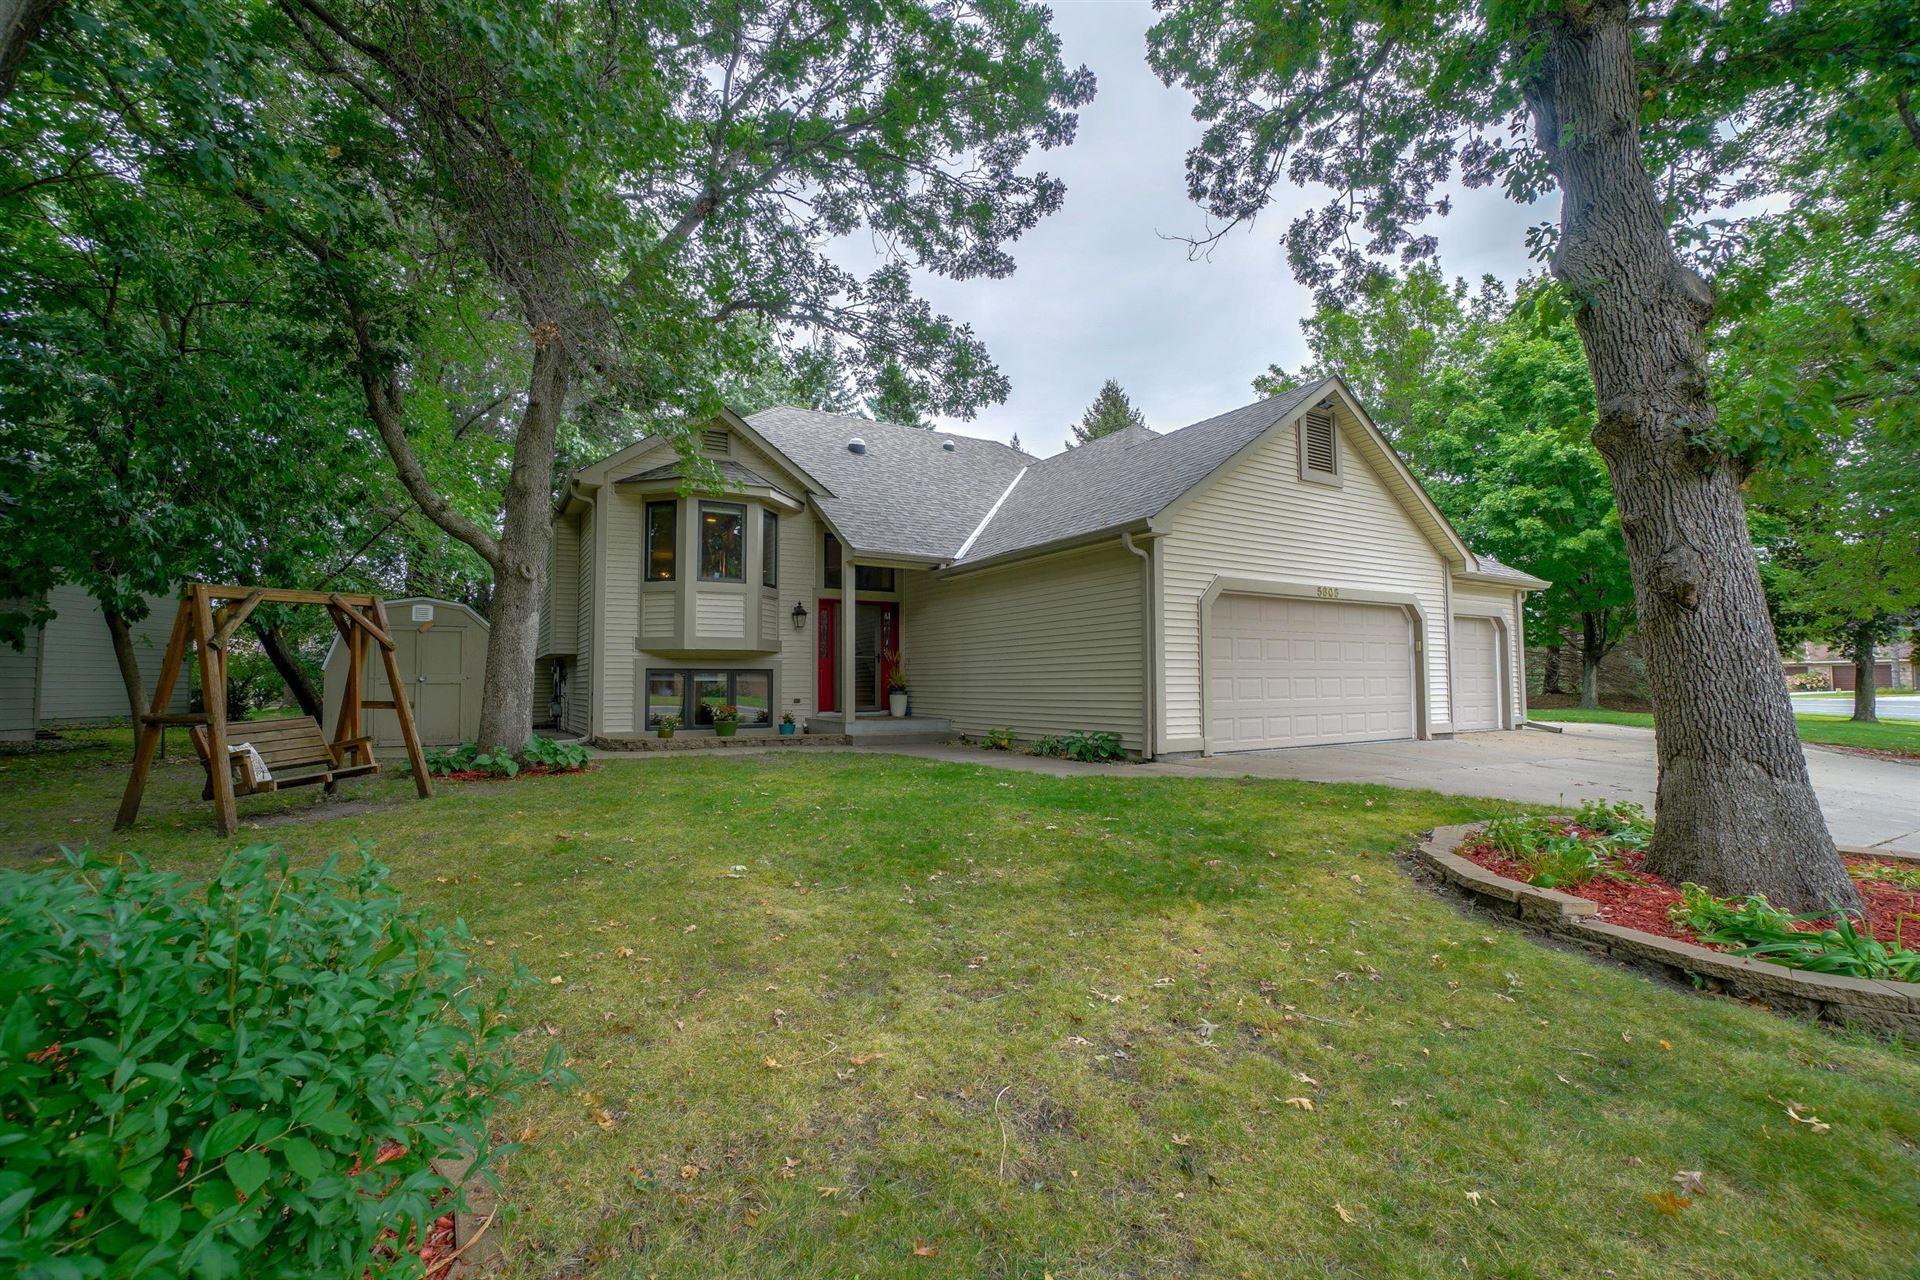 5605 Royal Oaks Drive, Shoreview, MN 55126 - MLS#: 5659687